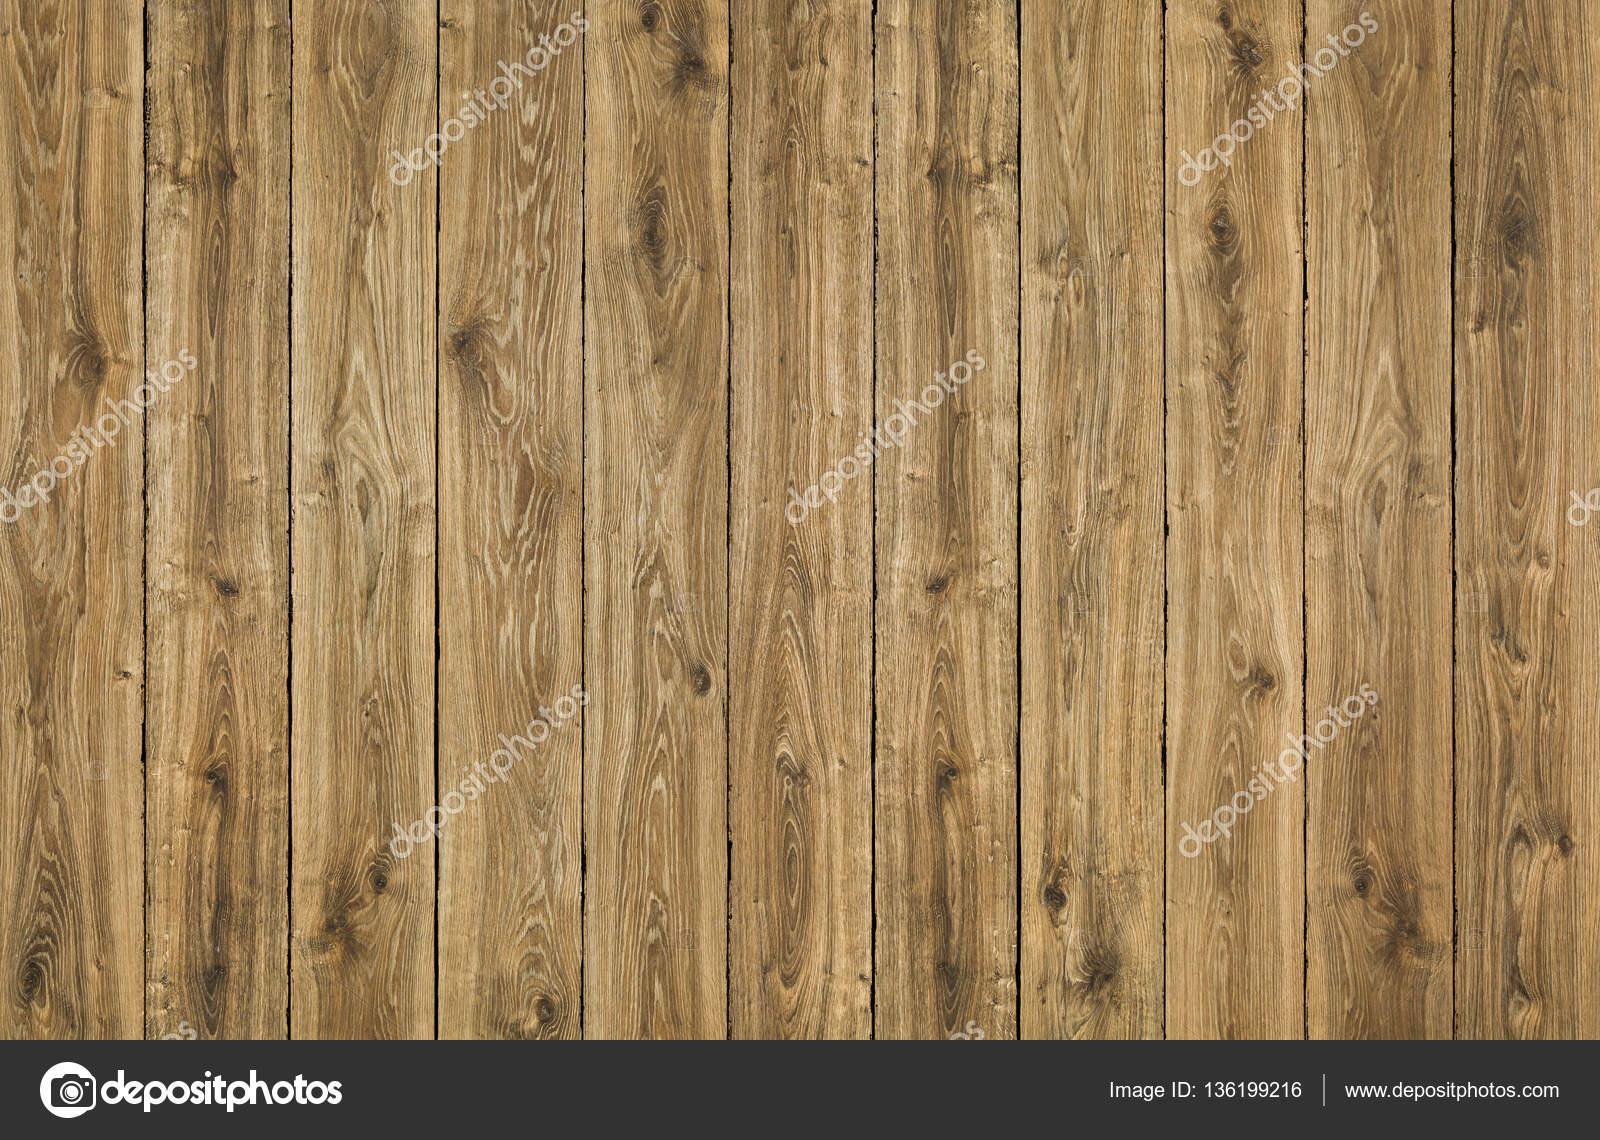 Textura fondo de tablones de madera valla de madera - Tablones de roble ...